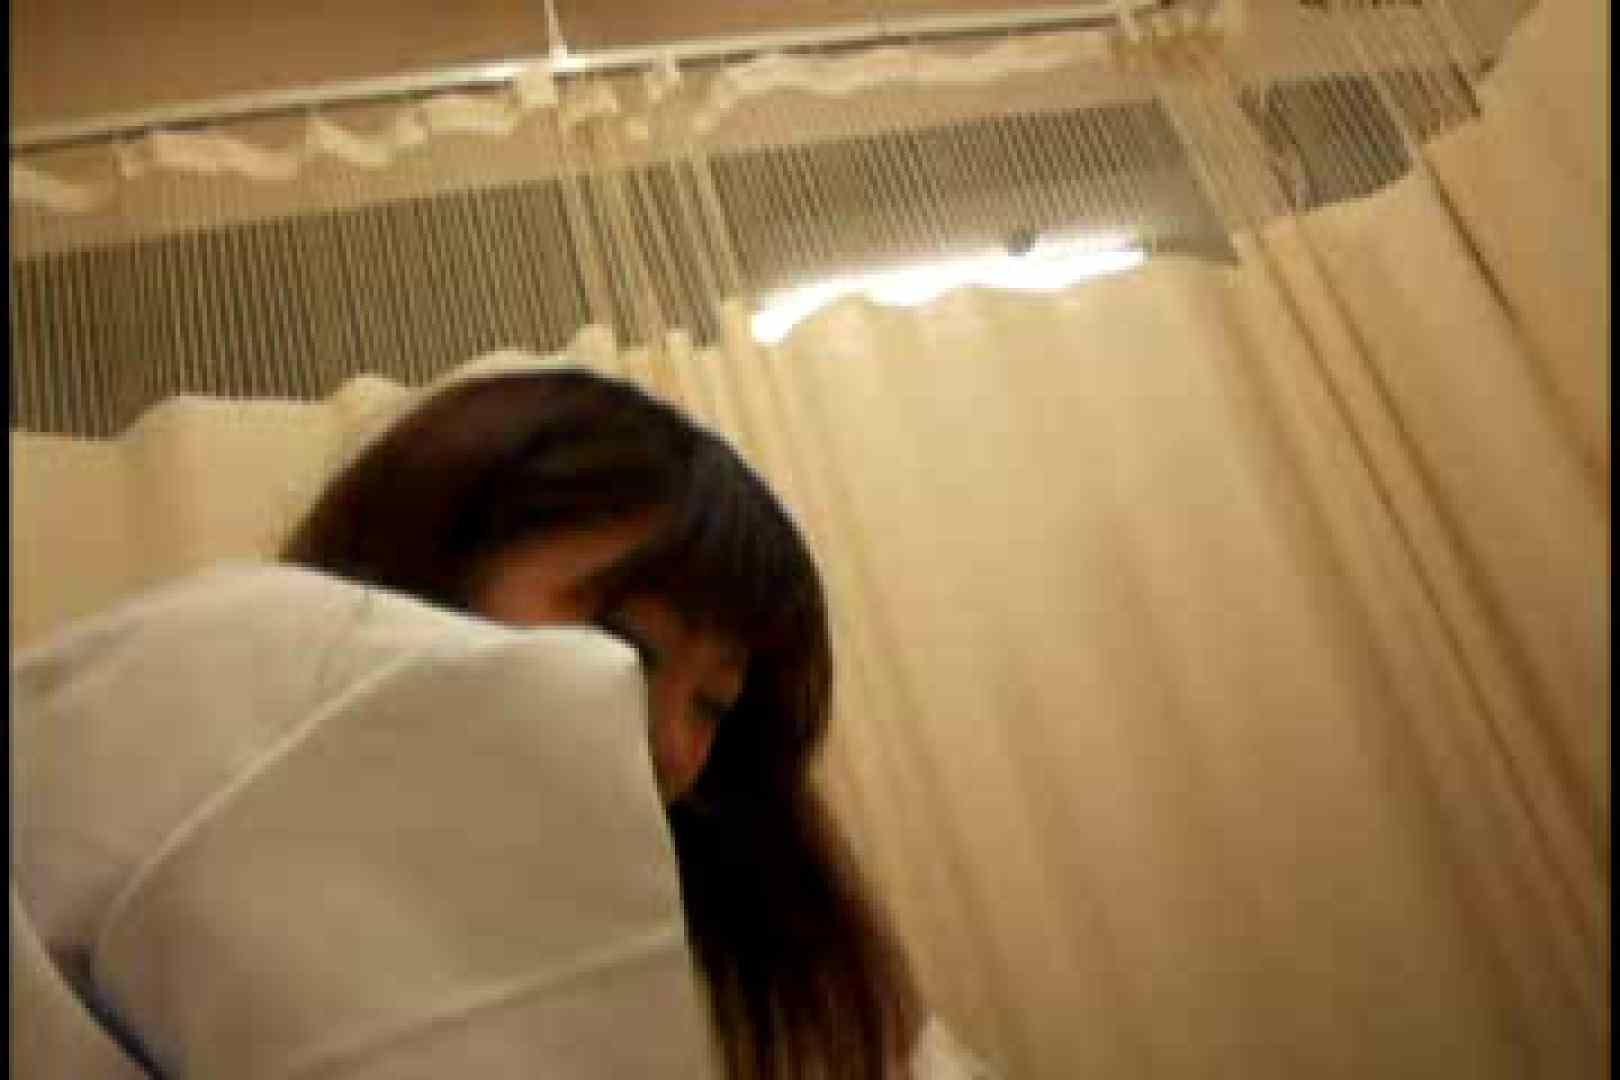 ヤリマンと呼ばれた看護士さんvol2 卑猥 | 厠  13pic 11